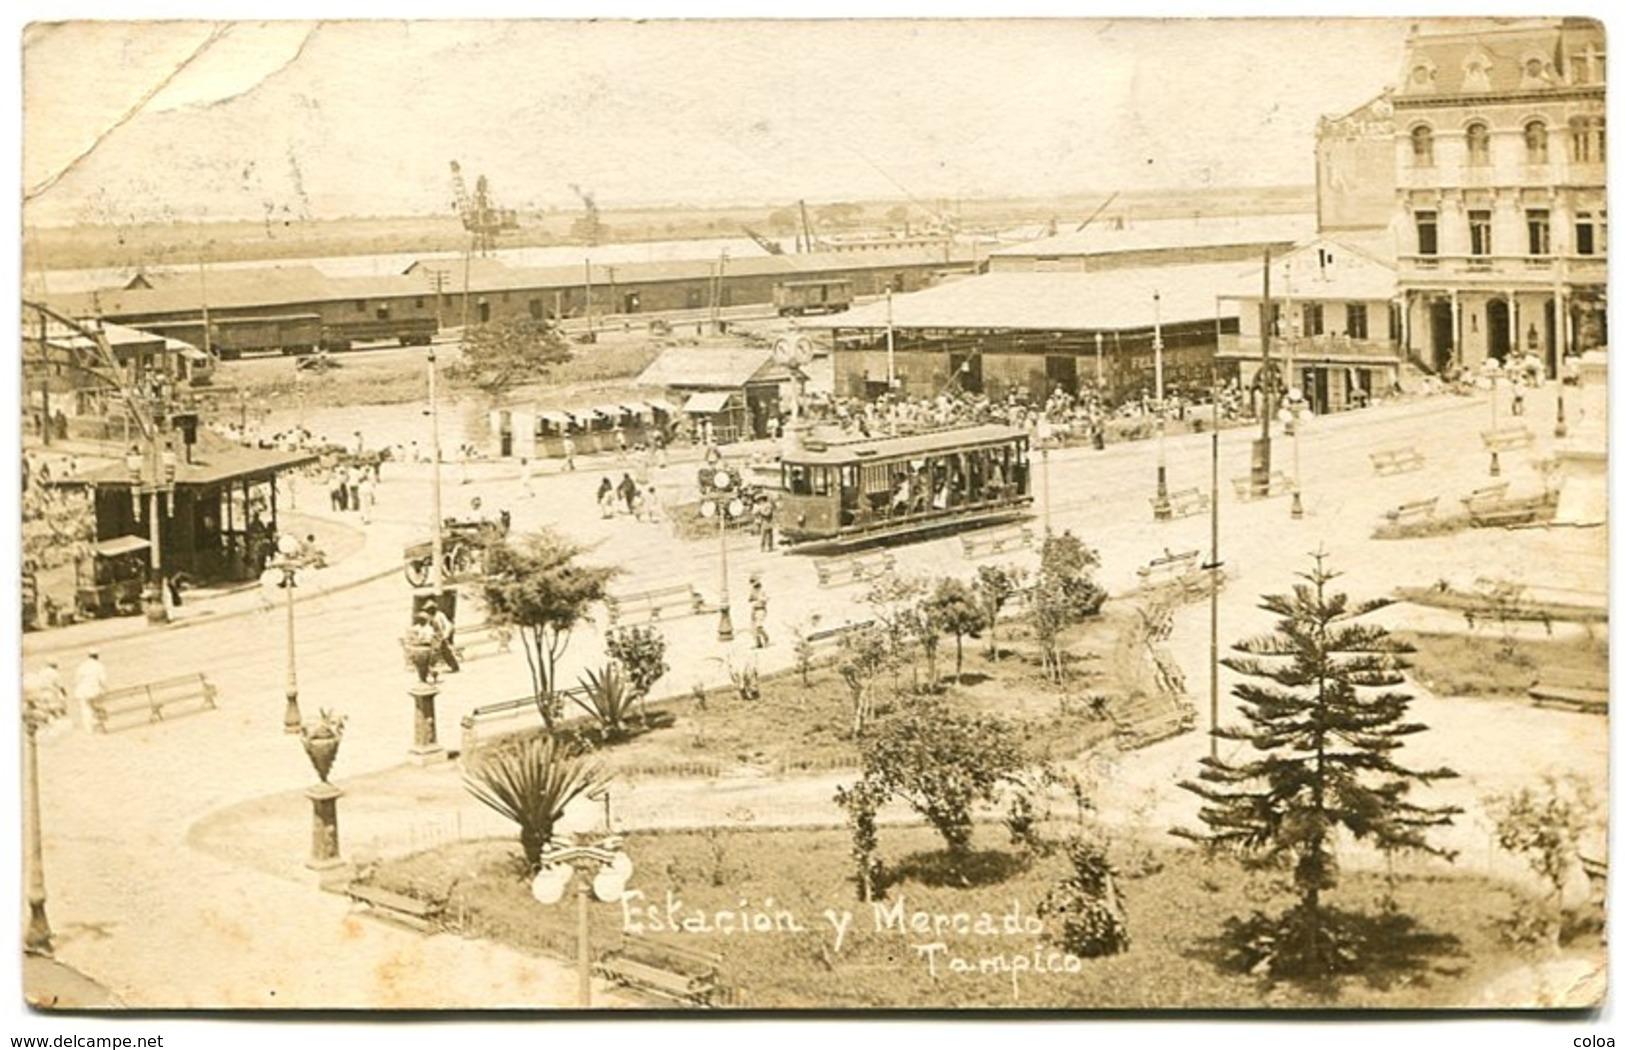 TAMPICO Estacion Y Mercado Tramway - Mexiko